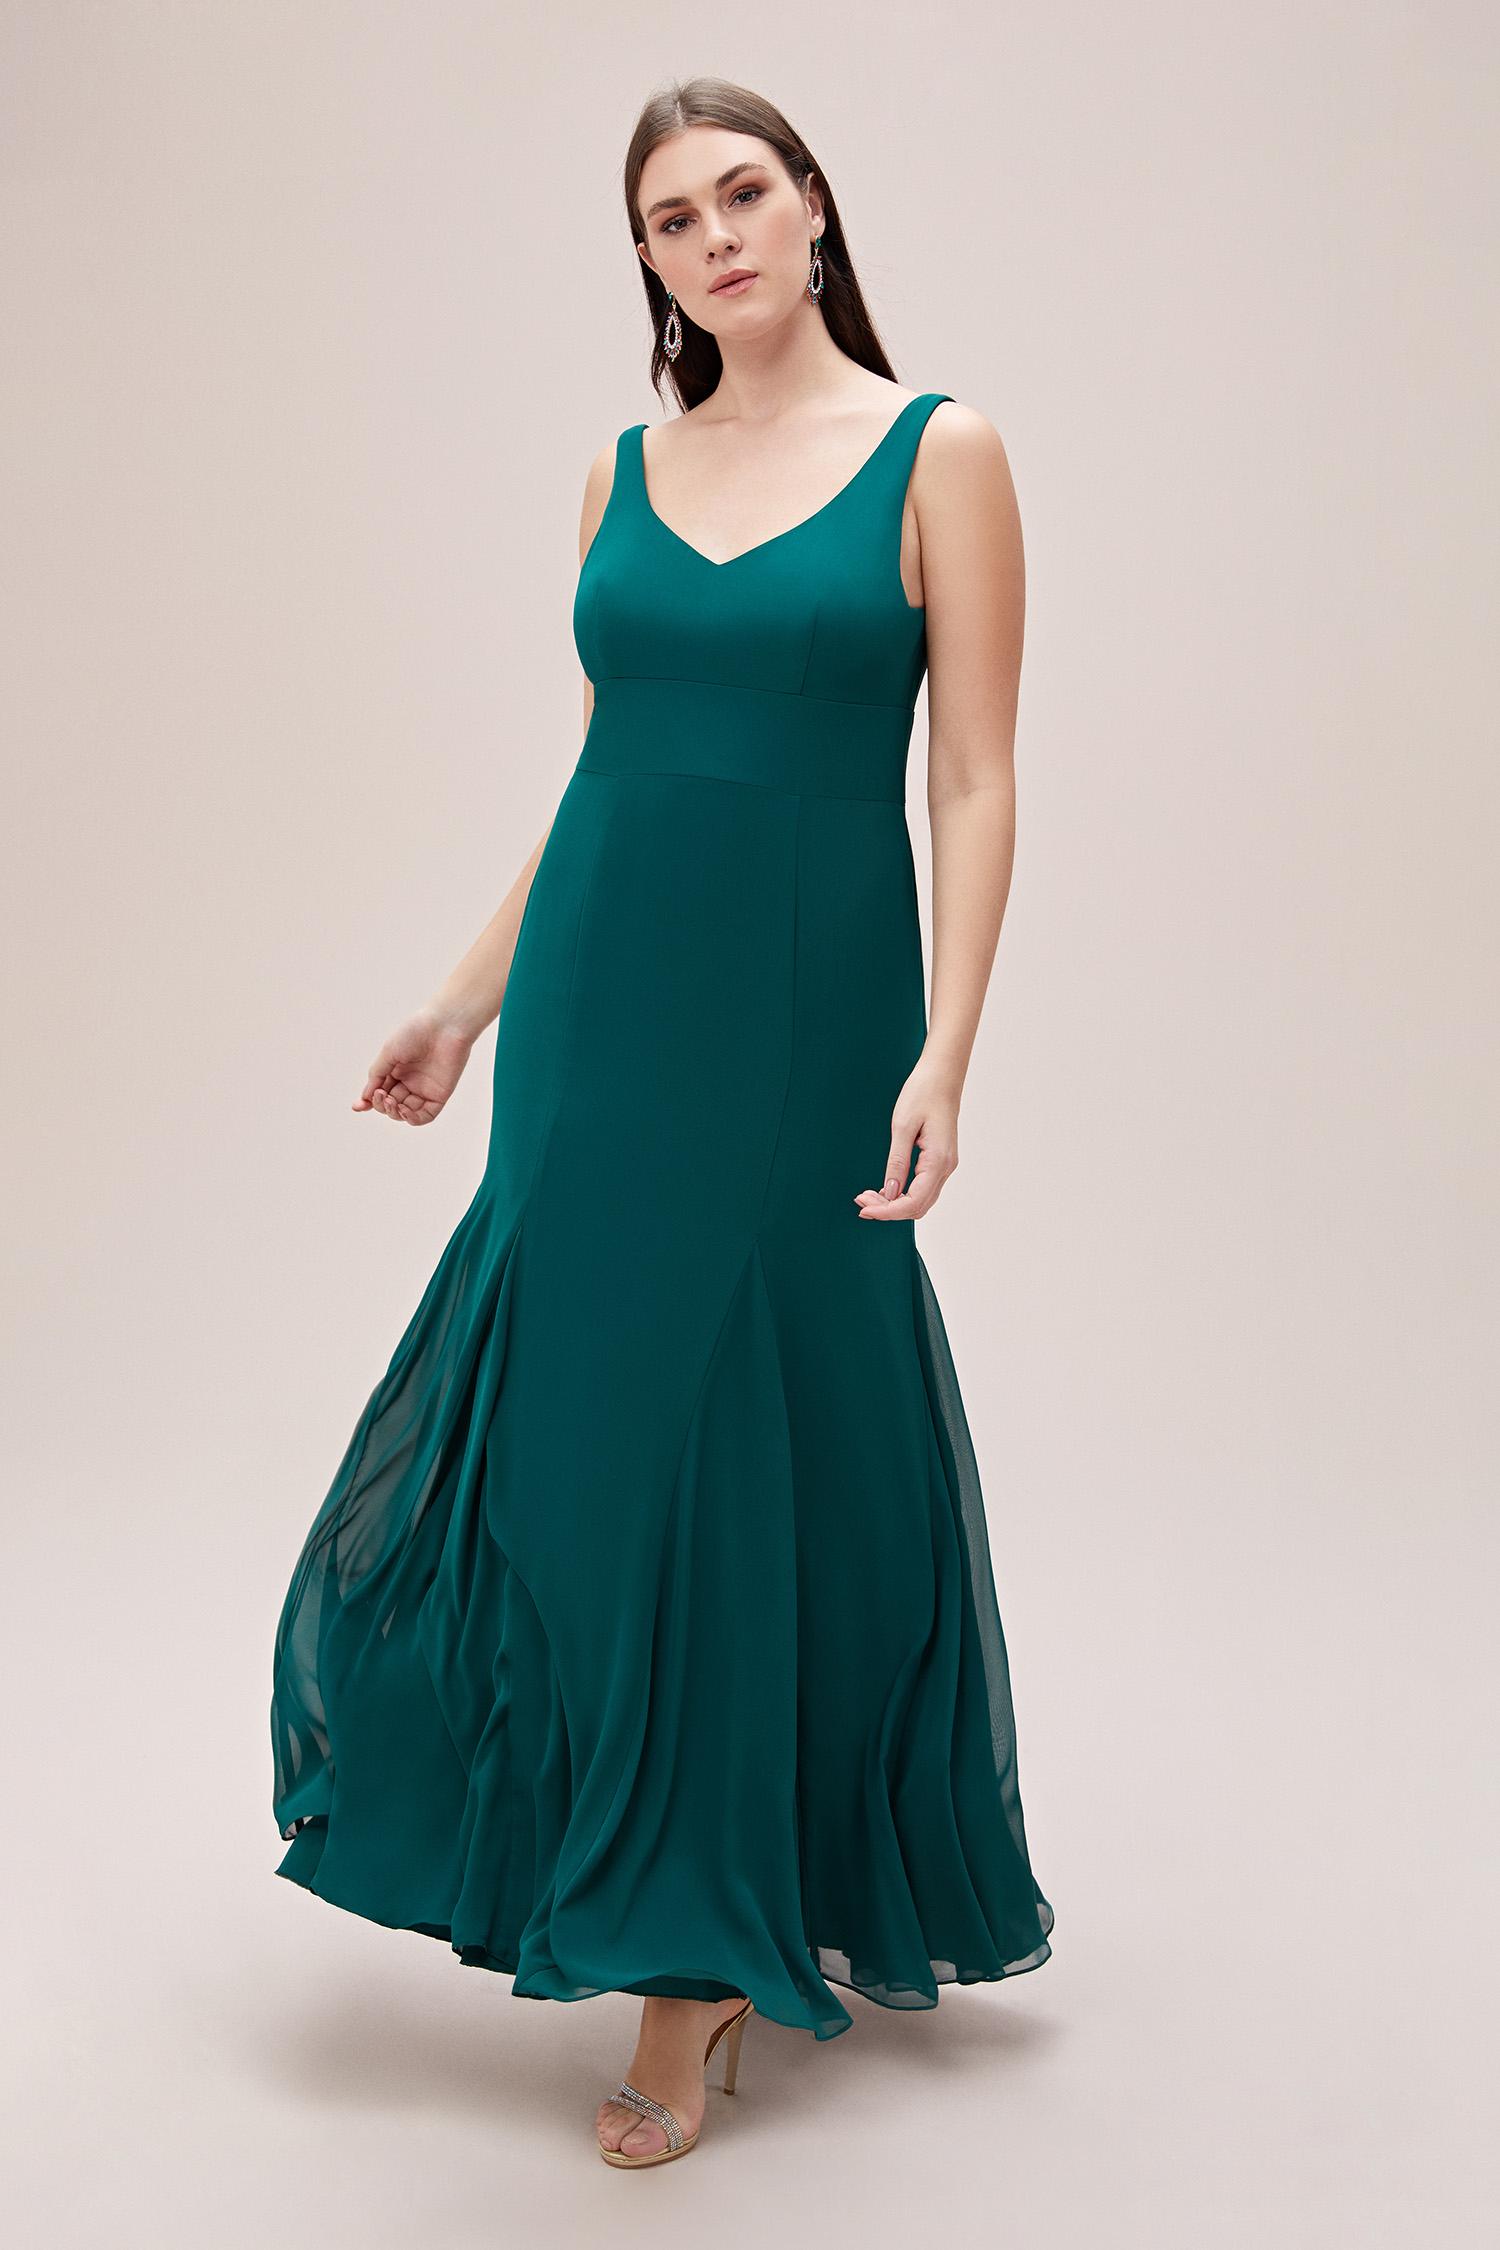 Yeşil Askılı Pile Detaylı Şifon Uzun Büyük Beden Abiye Elbise - Thumbnail